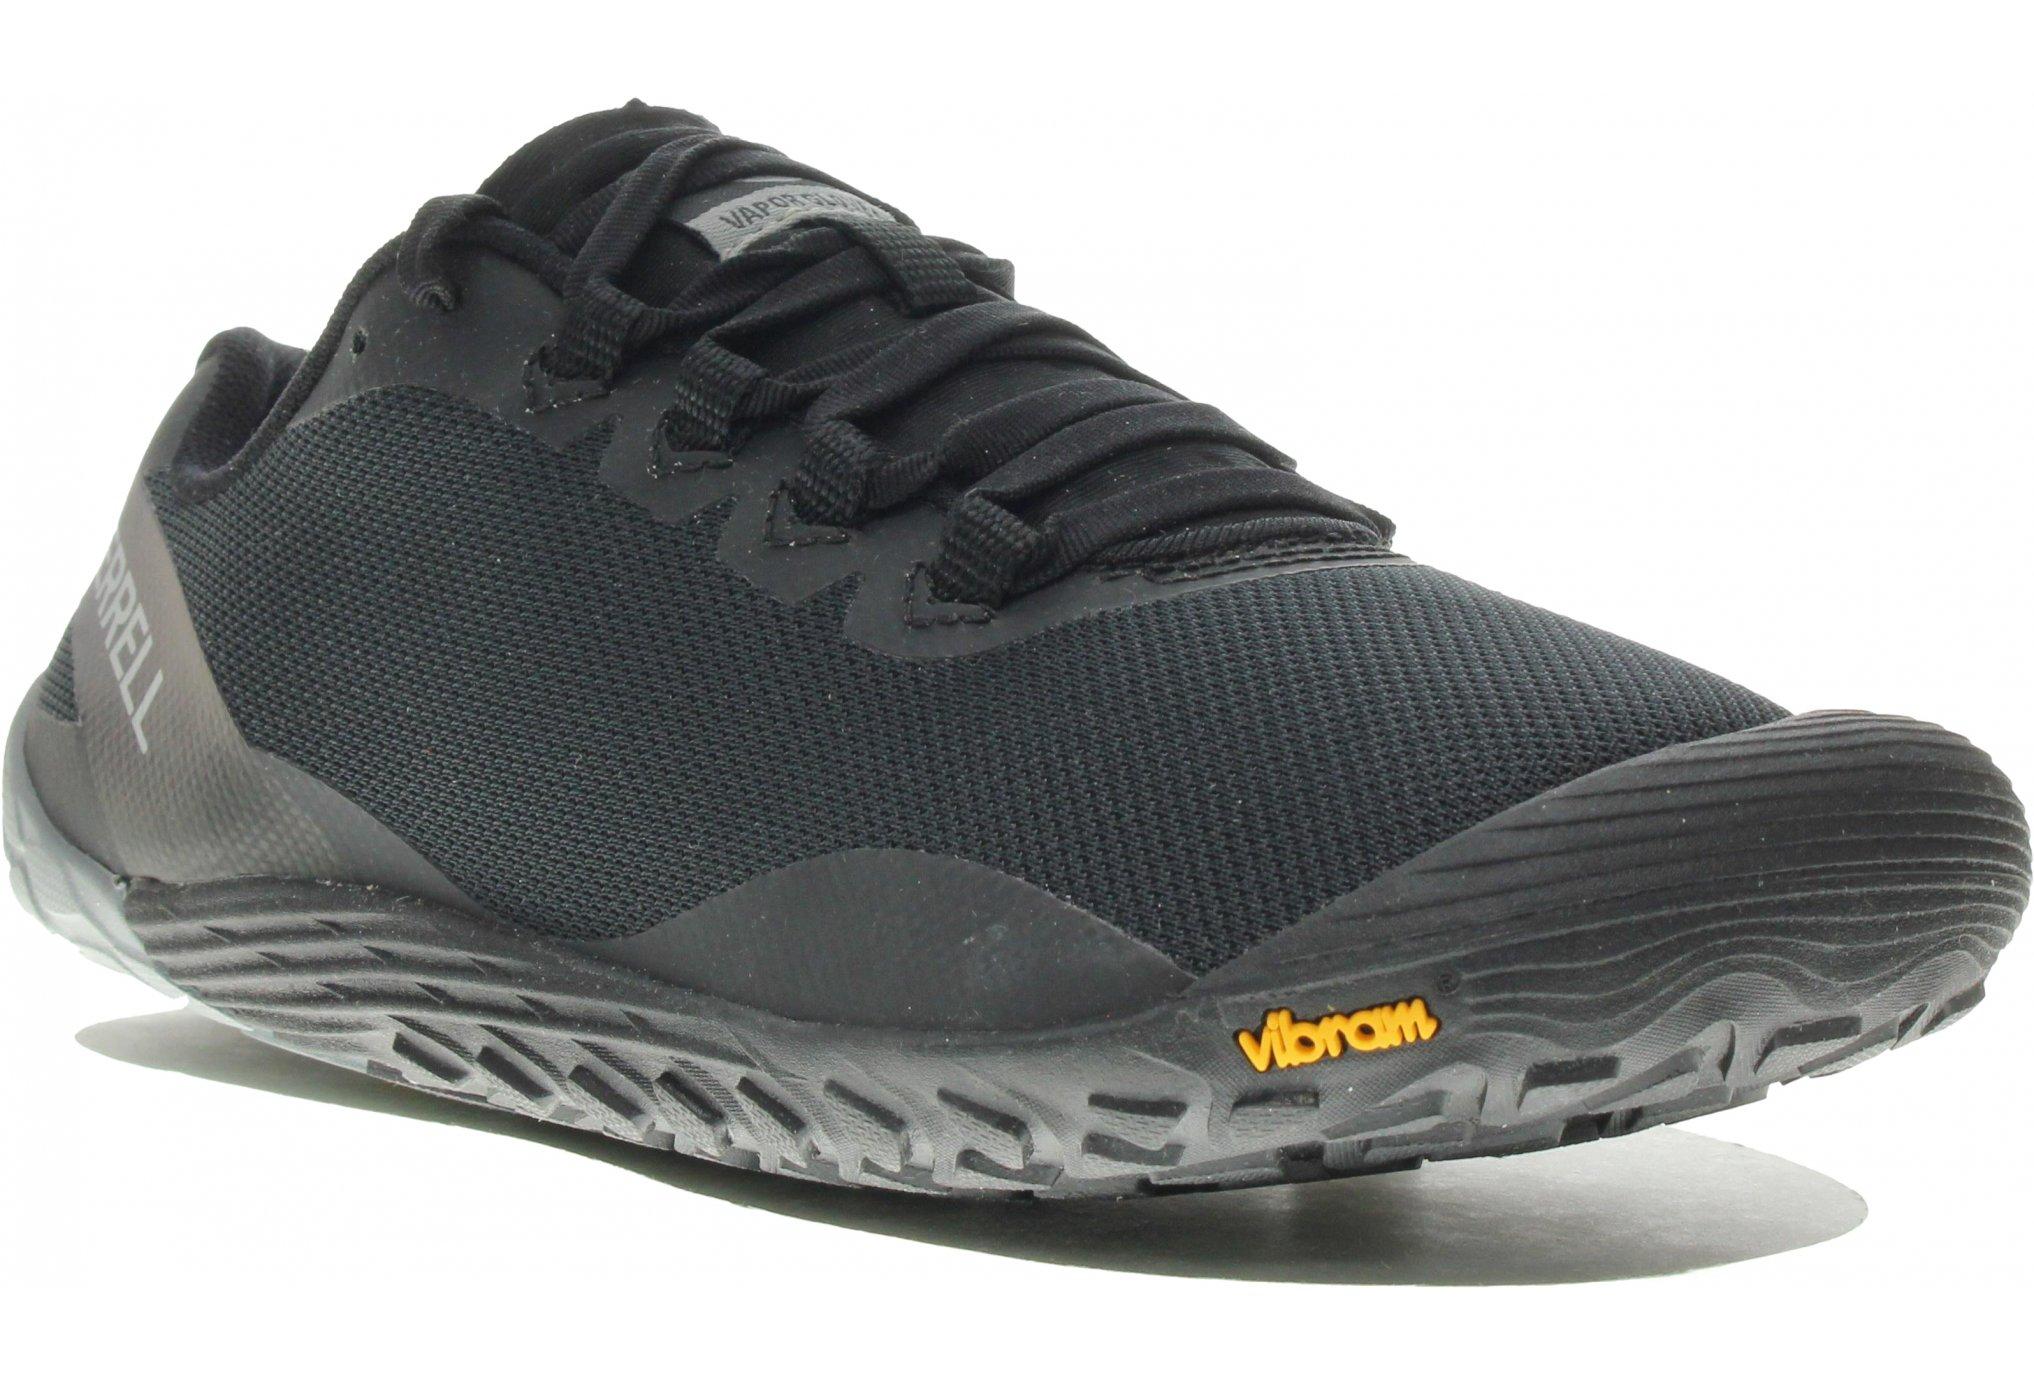 Merrell Vapor Glove 4 W Chaussures running femme